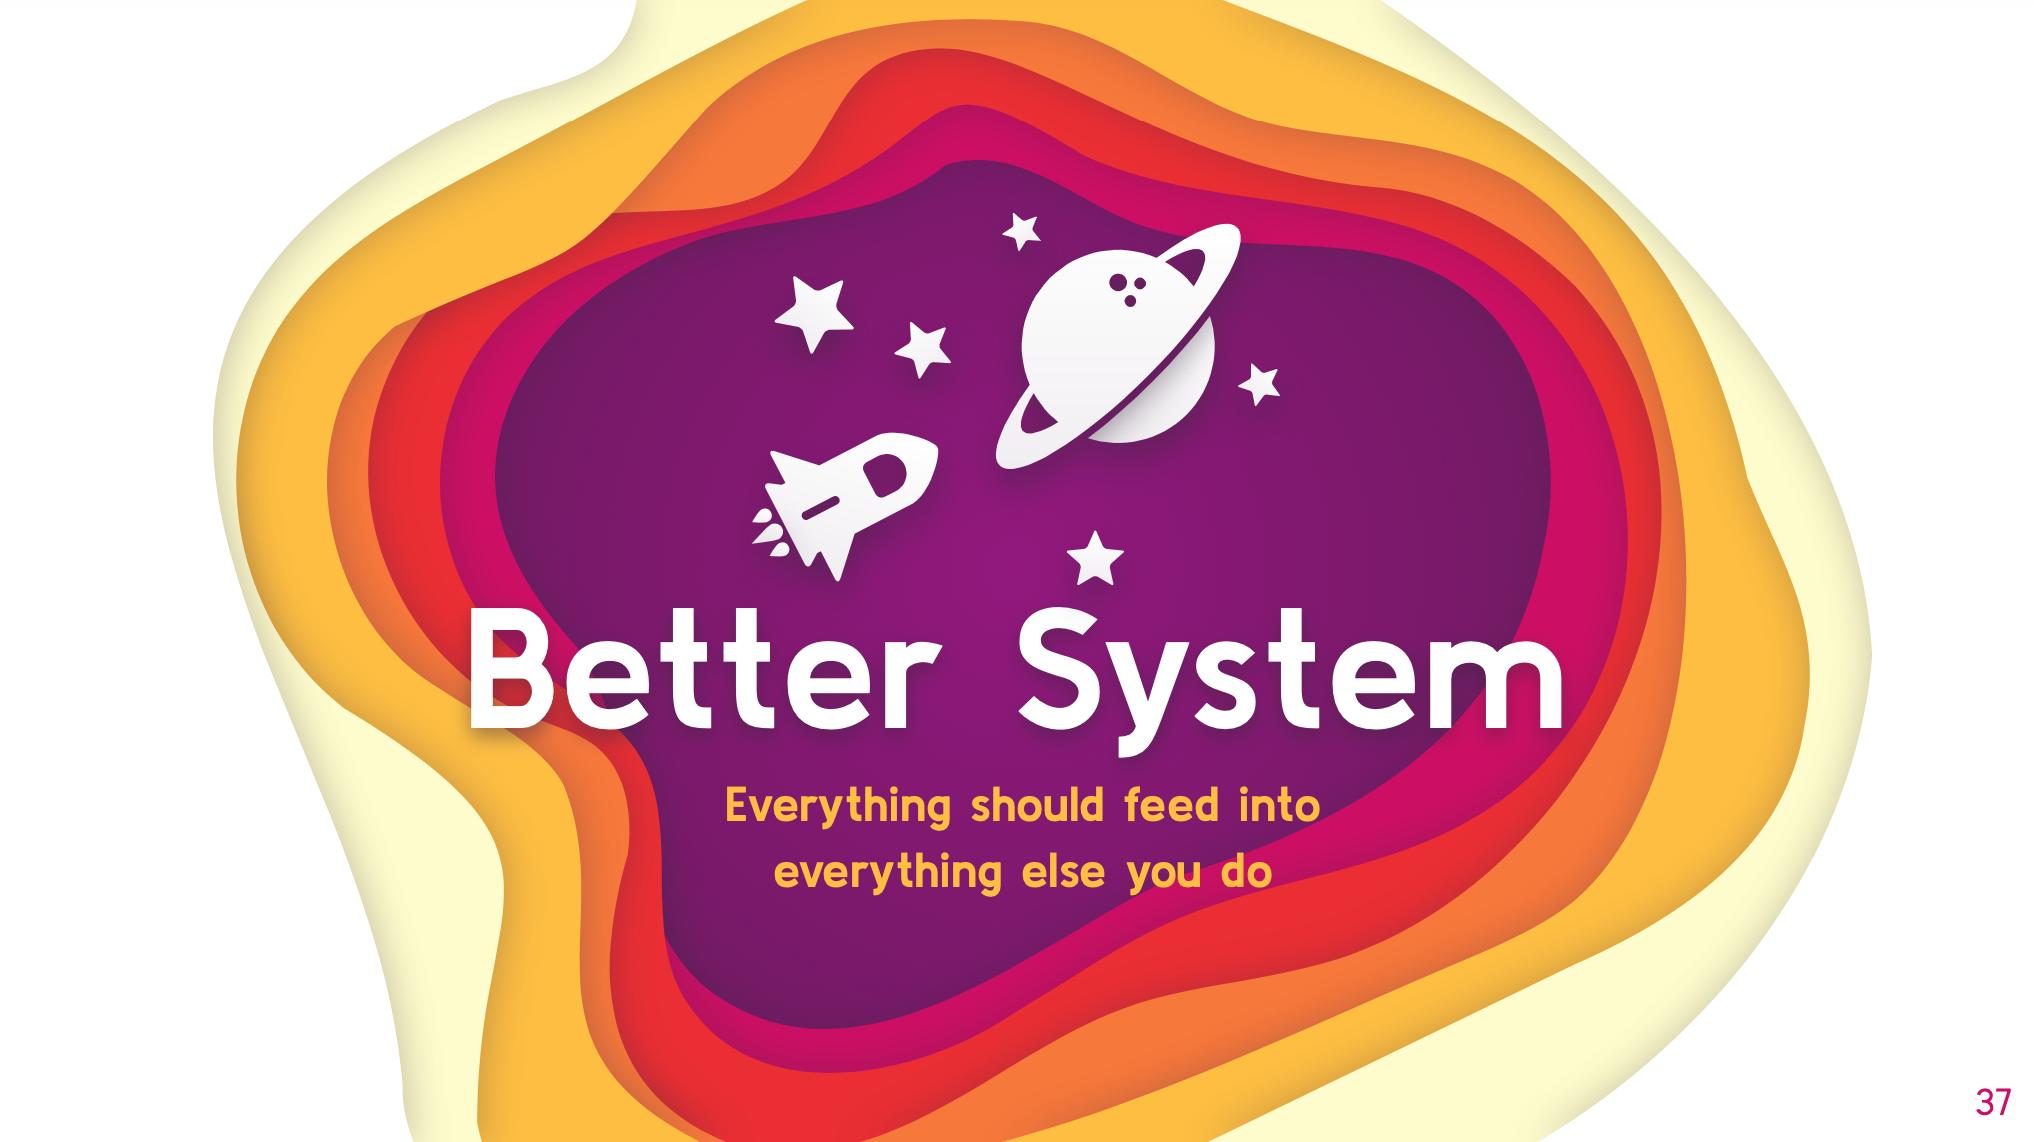 Erin Blaskie - Better System